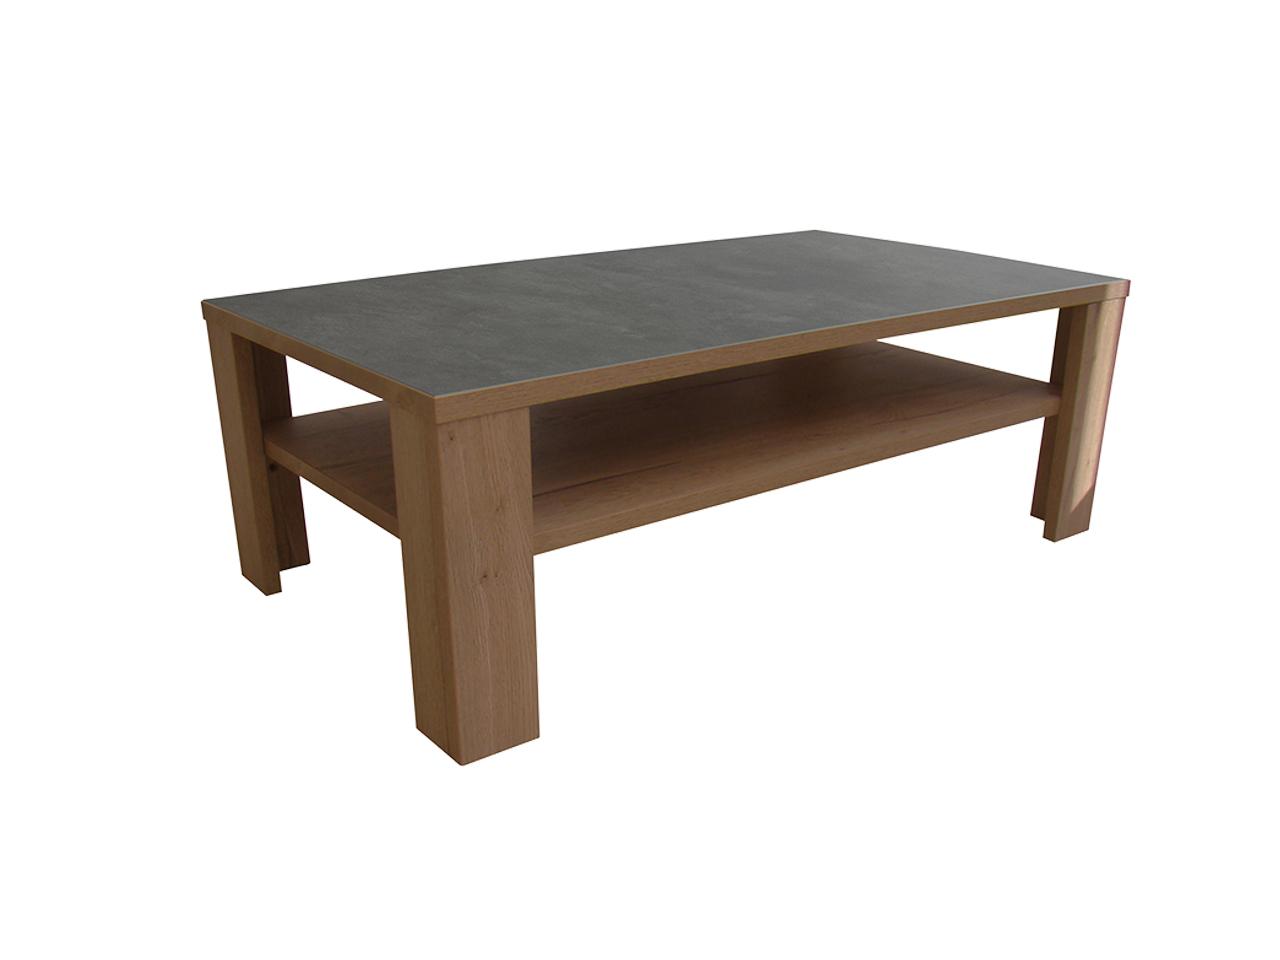 table basse himalaya pieds bois ch ne tabac ceram gris. Black Bedroom Furniture Sets. Home Design Ideas